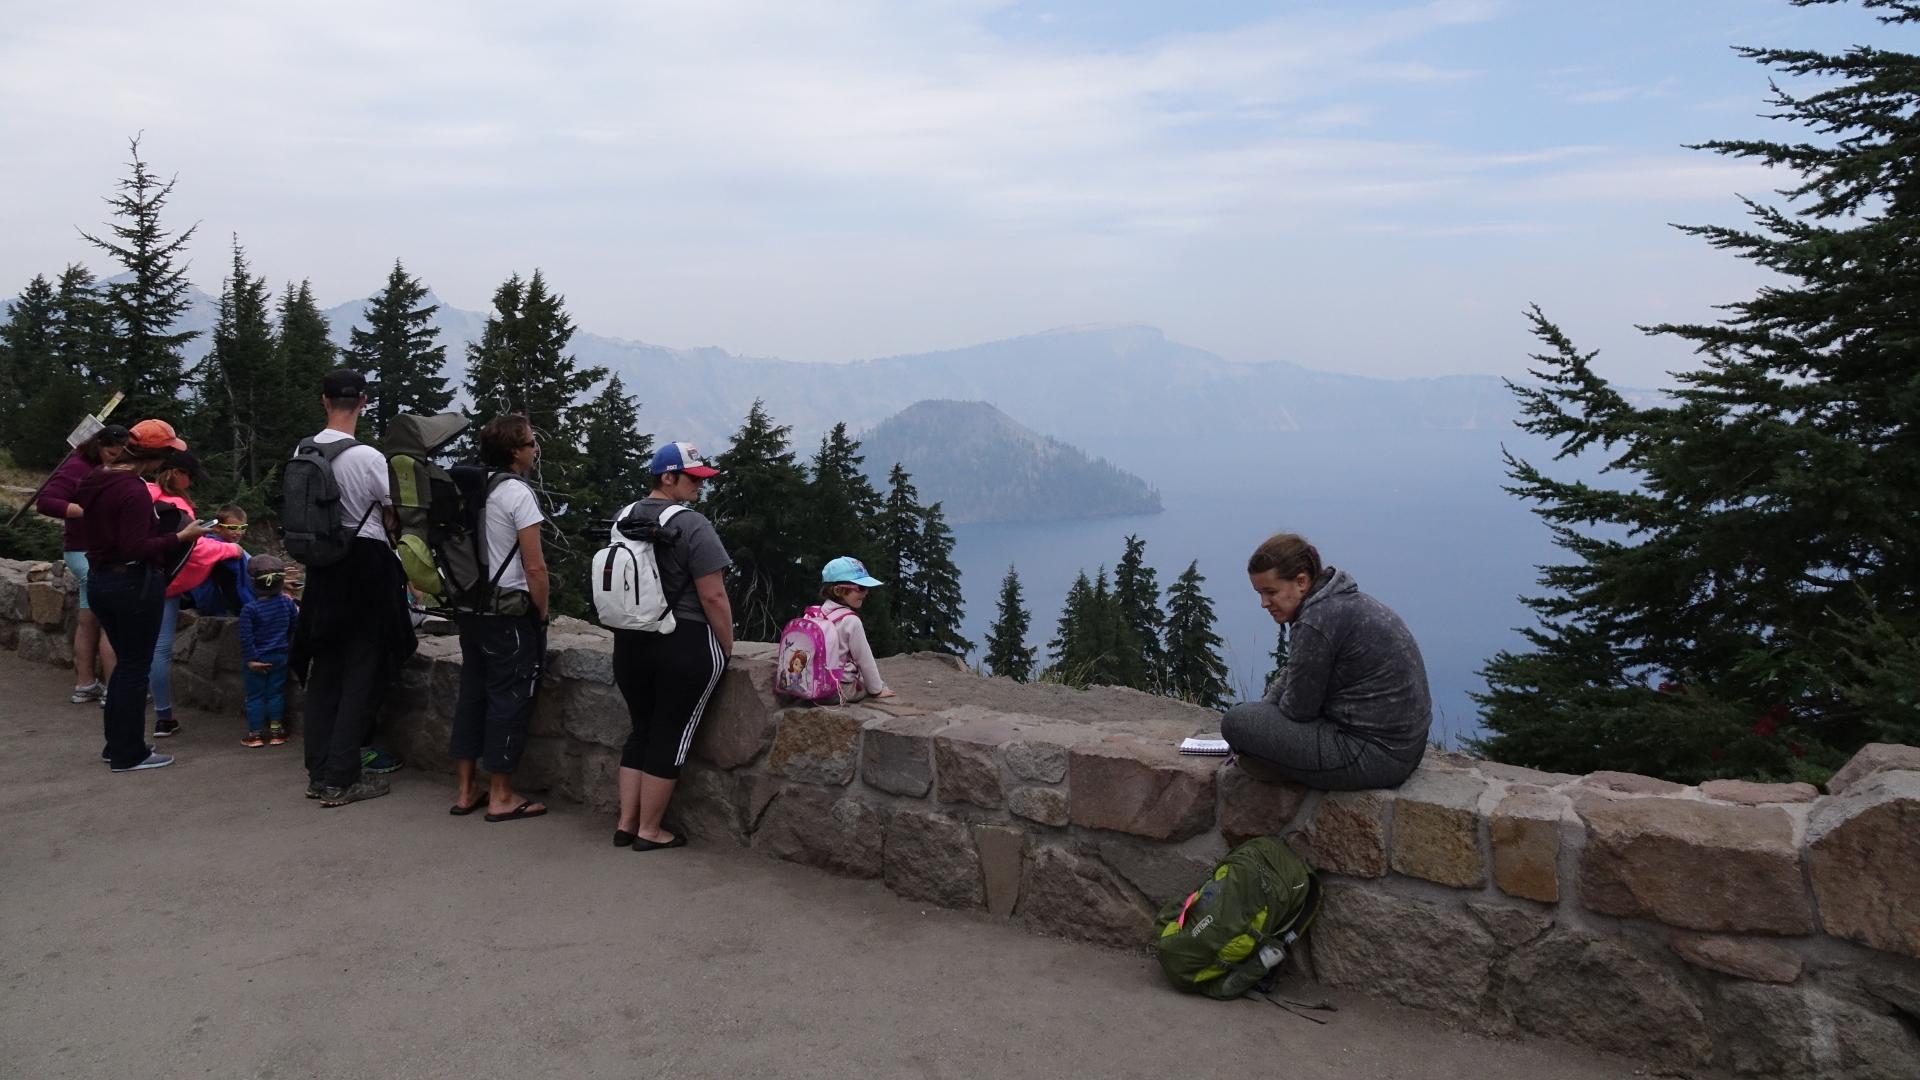 ハイキング客が多い